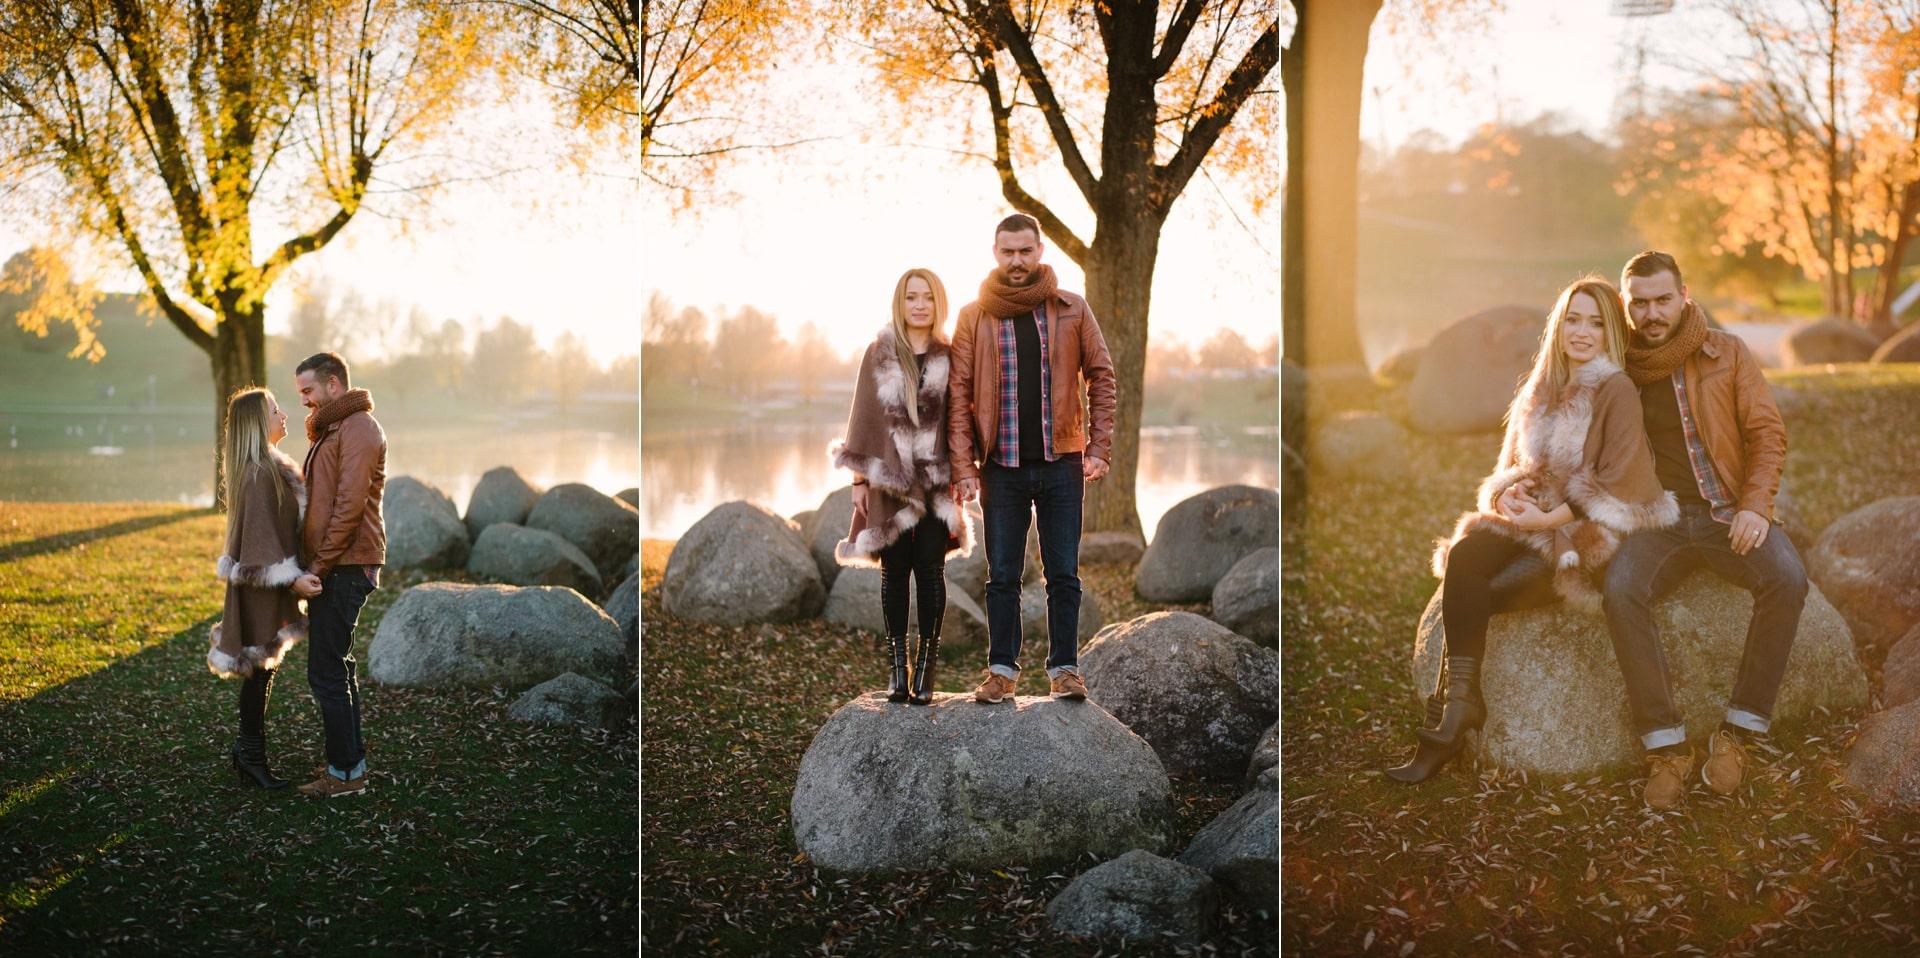 Fotoshooting im Olympiapark im Herbst. Man sieht, das ist auch eine der besten Fotolocations für Hochzeitspaare.